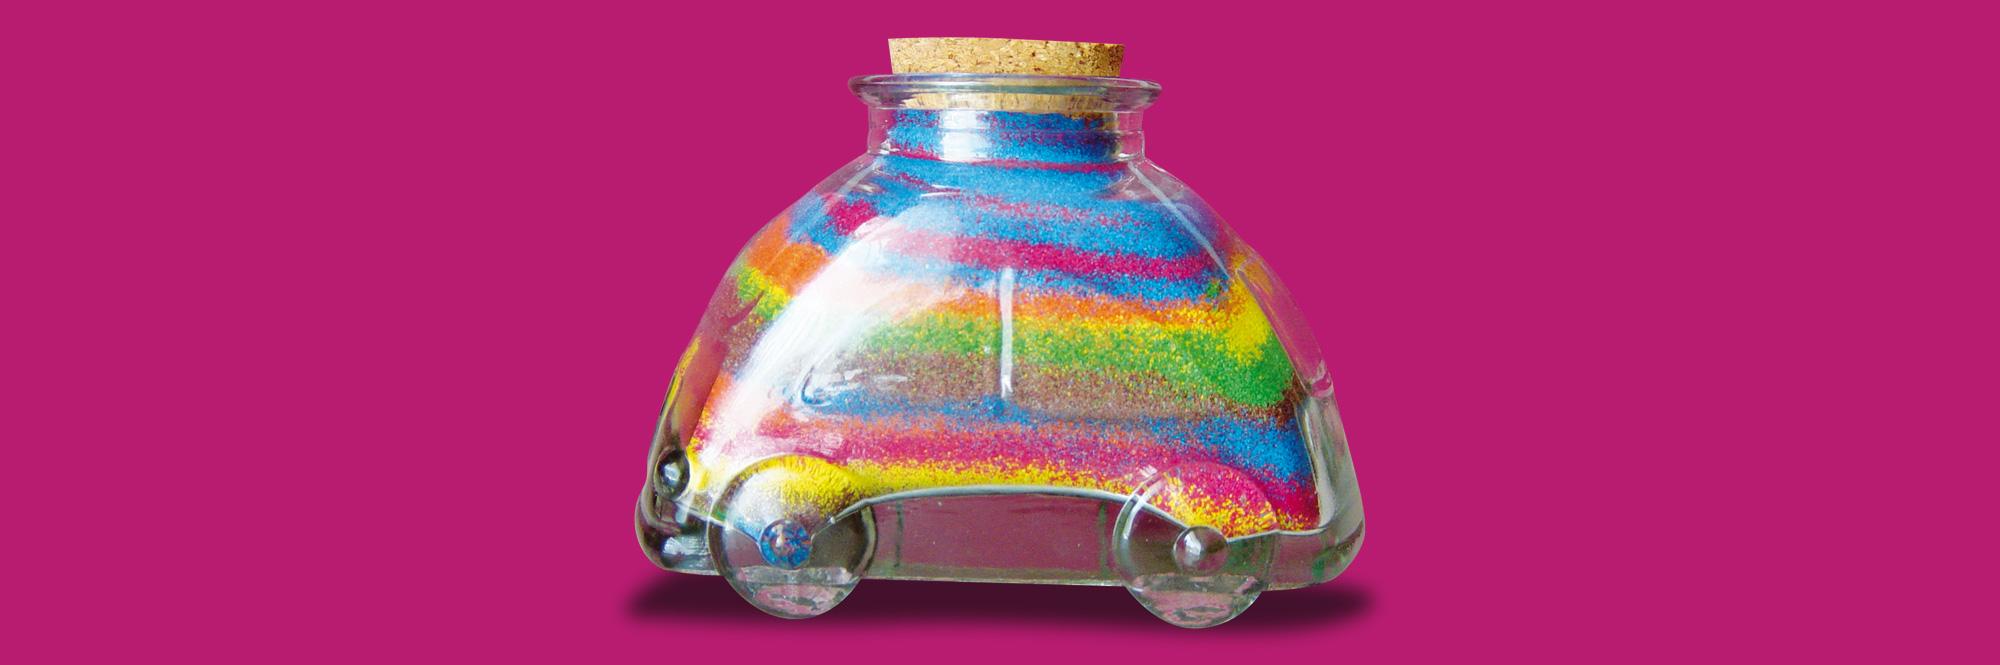 Arena de colores - Arena de colores ...